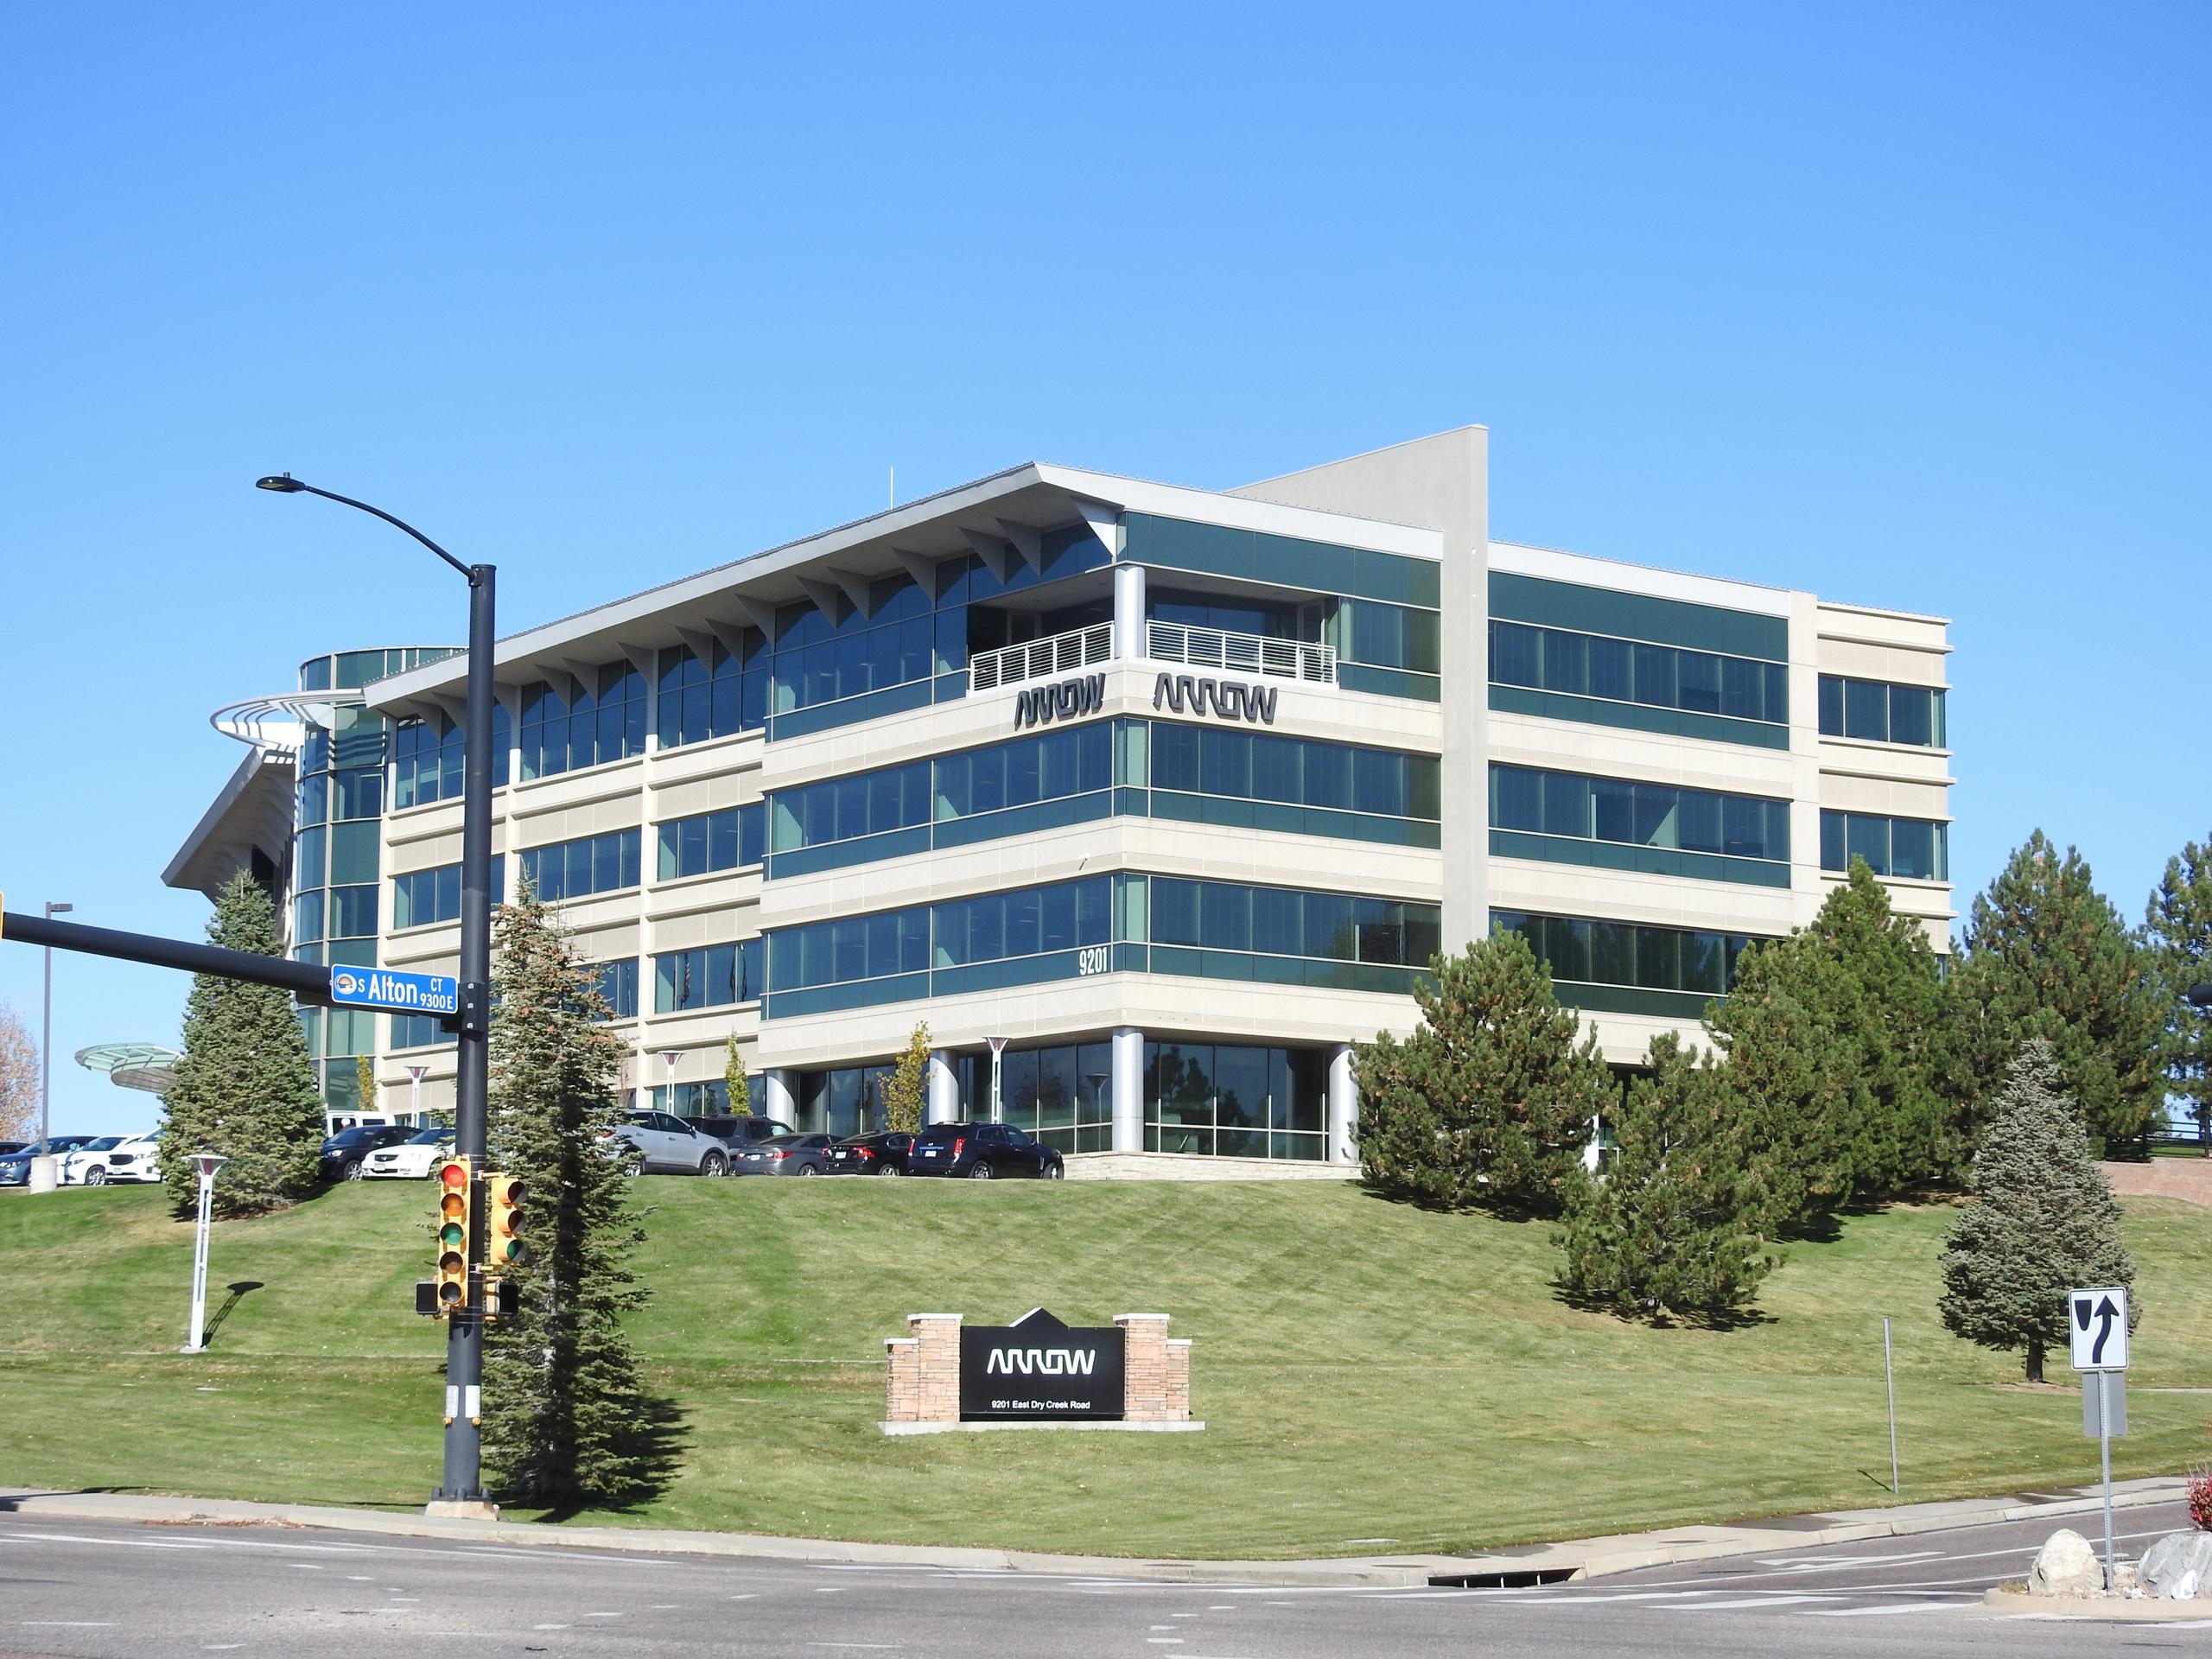 Arrow Electronics' corporate headquarters in Centennial, Colorado.